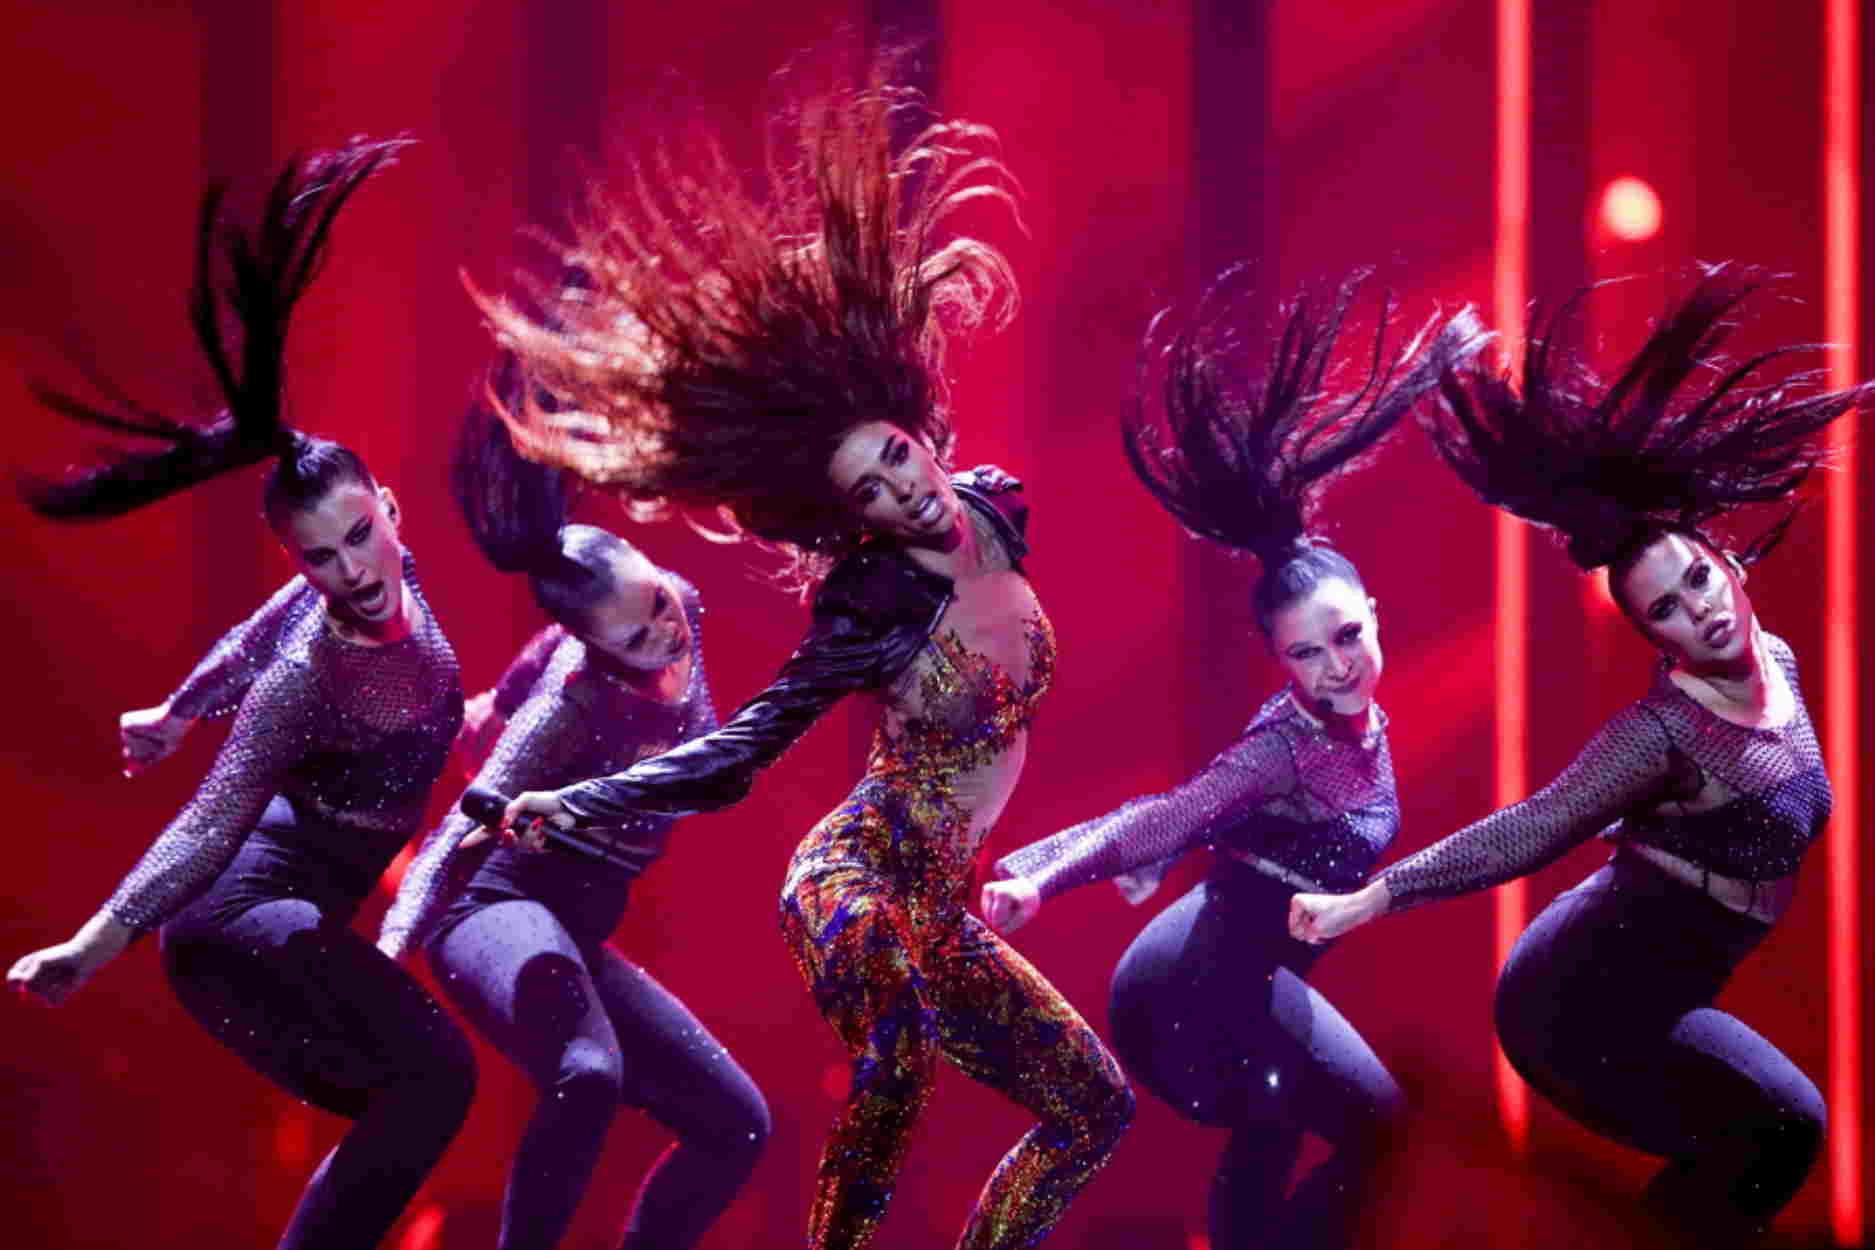 Φουρέιρα – Eurovision: «Για 3 χρόνια την προτείναμε στην ΕΡΤ, αλλά παίρναμε άκυρο»